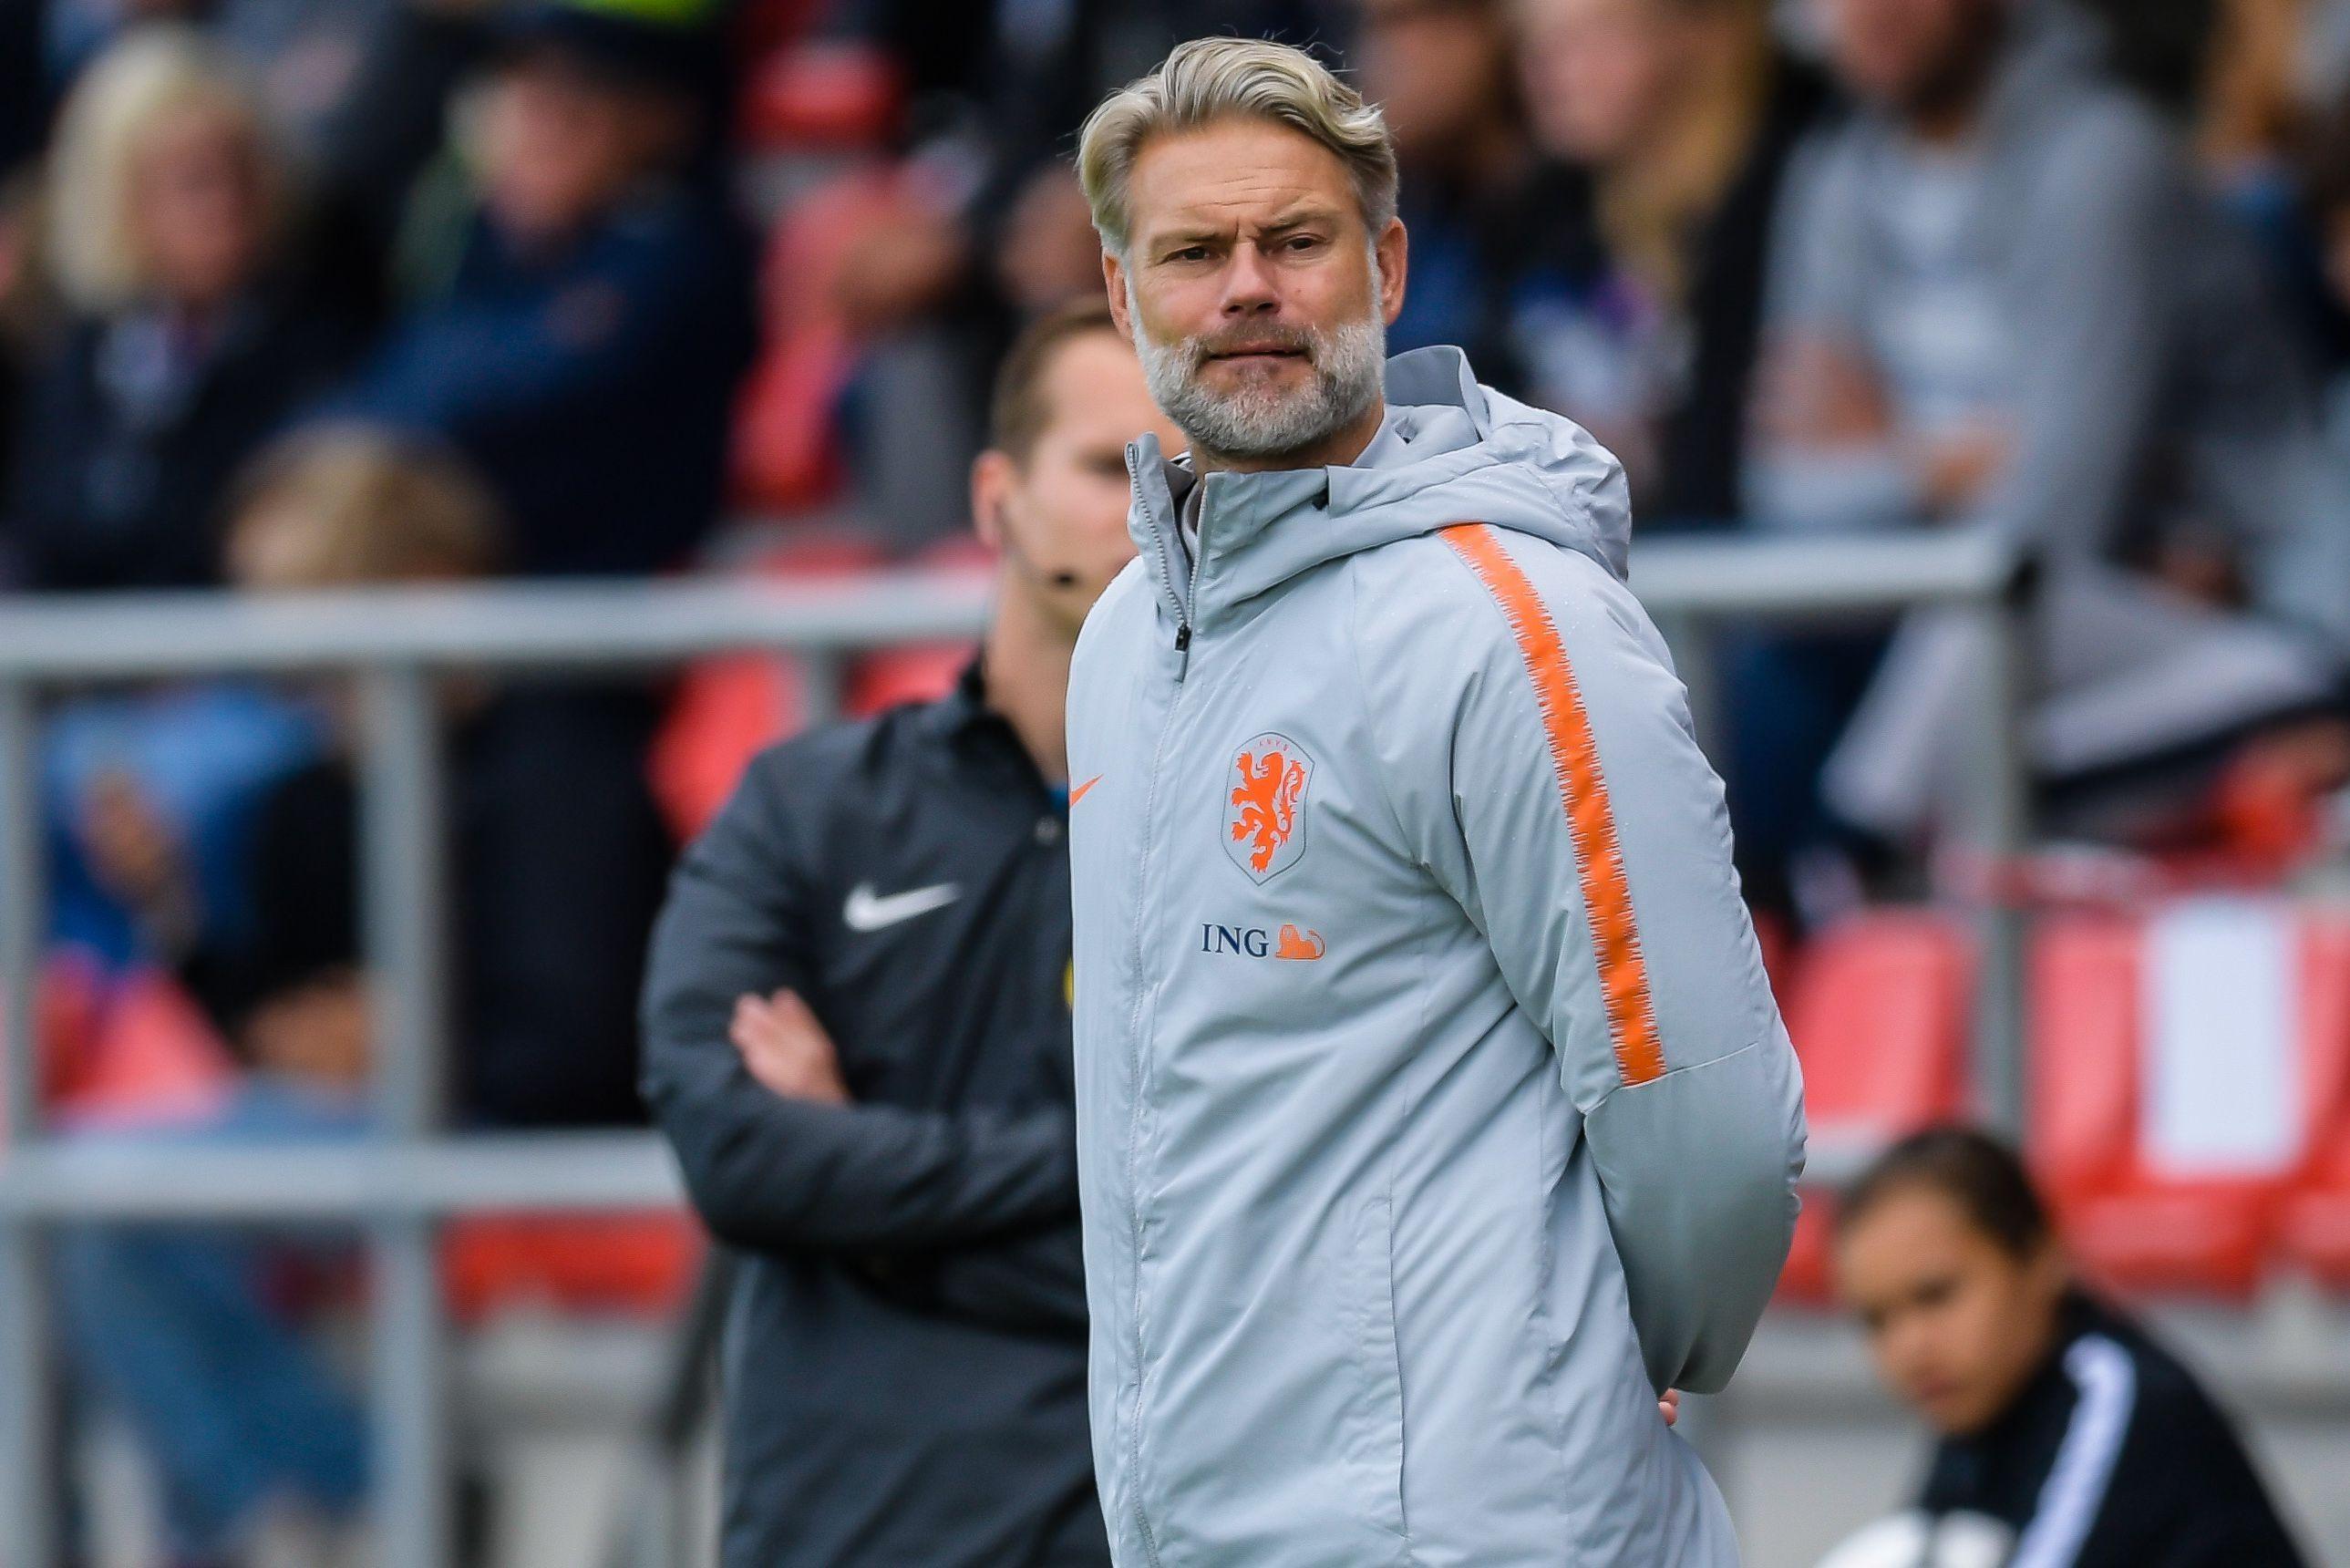 Henk Spaan: Peter van der Veen, de coach van Oranje O17, wekte de indruk aan een verlaging van de bloedsuikerspiegel te lijden - Haarlems Dagblad